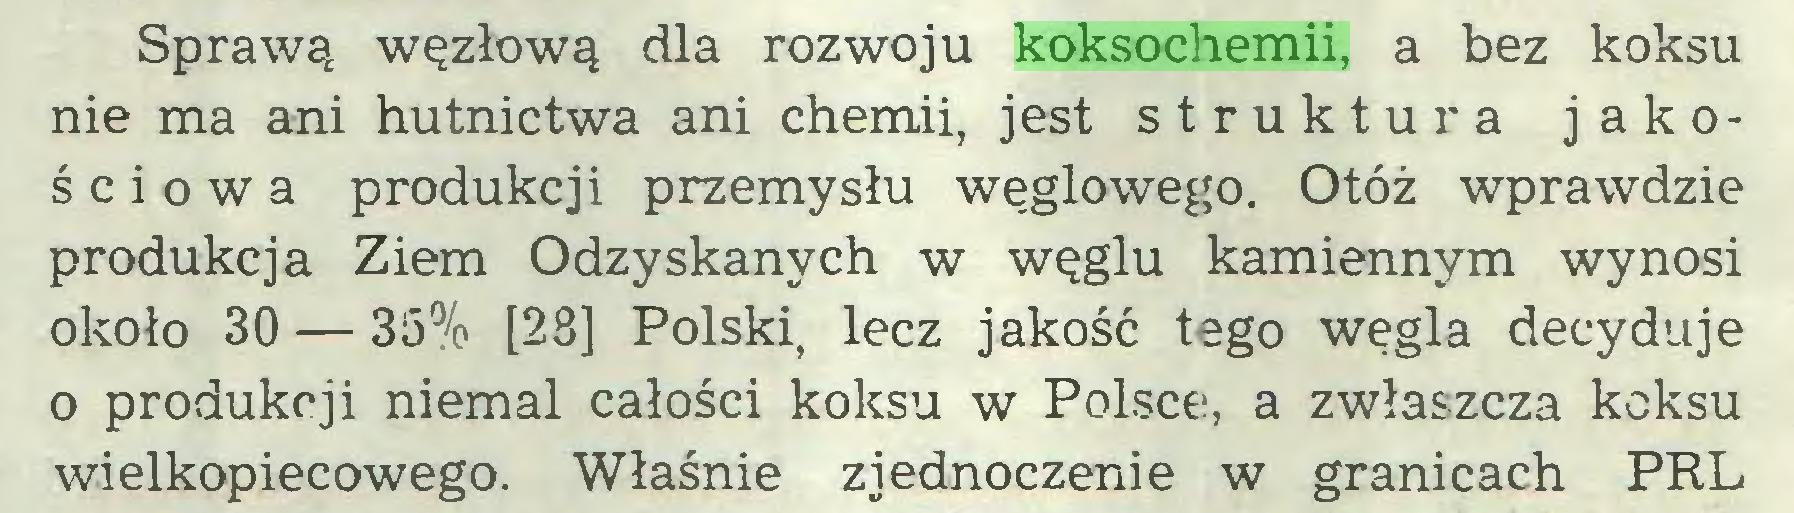 (...) Sprawą węzłową dla rozwoju koksochemii, a bez koksu nie ma ani hutnictwa ani chemii, jest struktura jakościowa produkcji przemysłu węglowego. Otóż wprawdzie produkcja Ziem Odzyskanych w węglu kamiennym wynosi około 30 — 35% [28] Polski, lecz jakość tego węgla decyduje o produkcji niemal całości koksu w Polsce, a zwłaszcza koksu wielkopiecowego. Właśnie zjednoczenie w granicach PRL...